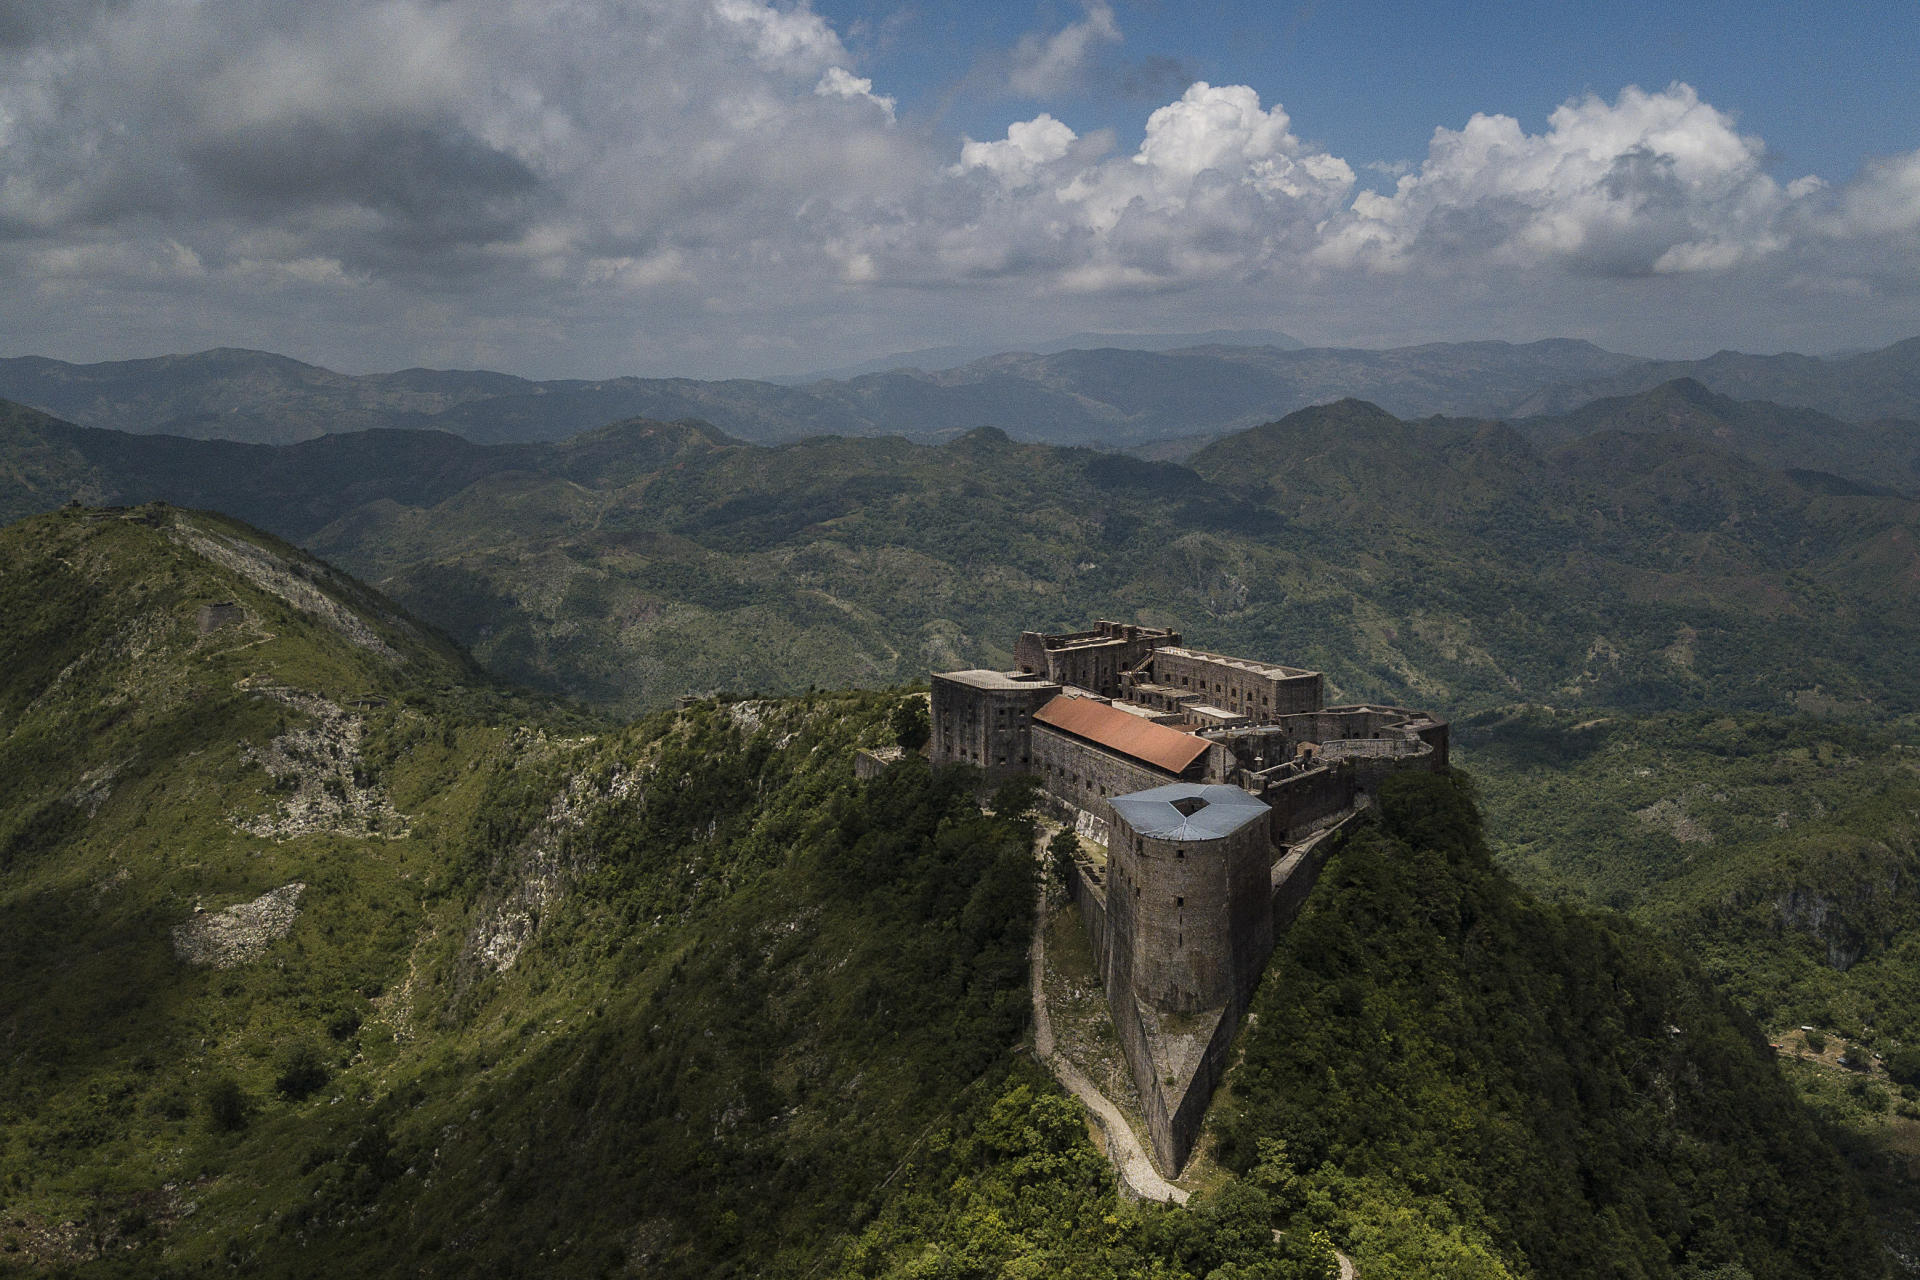 La citadelle de Milot, qui date du XIXe siècle, au sud de Cap-Haïtien, à Haïti.